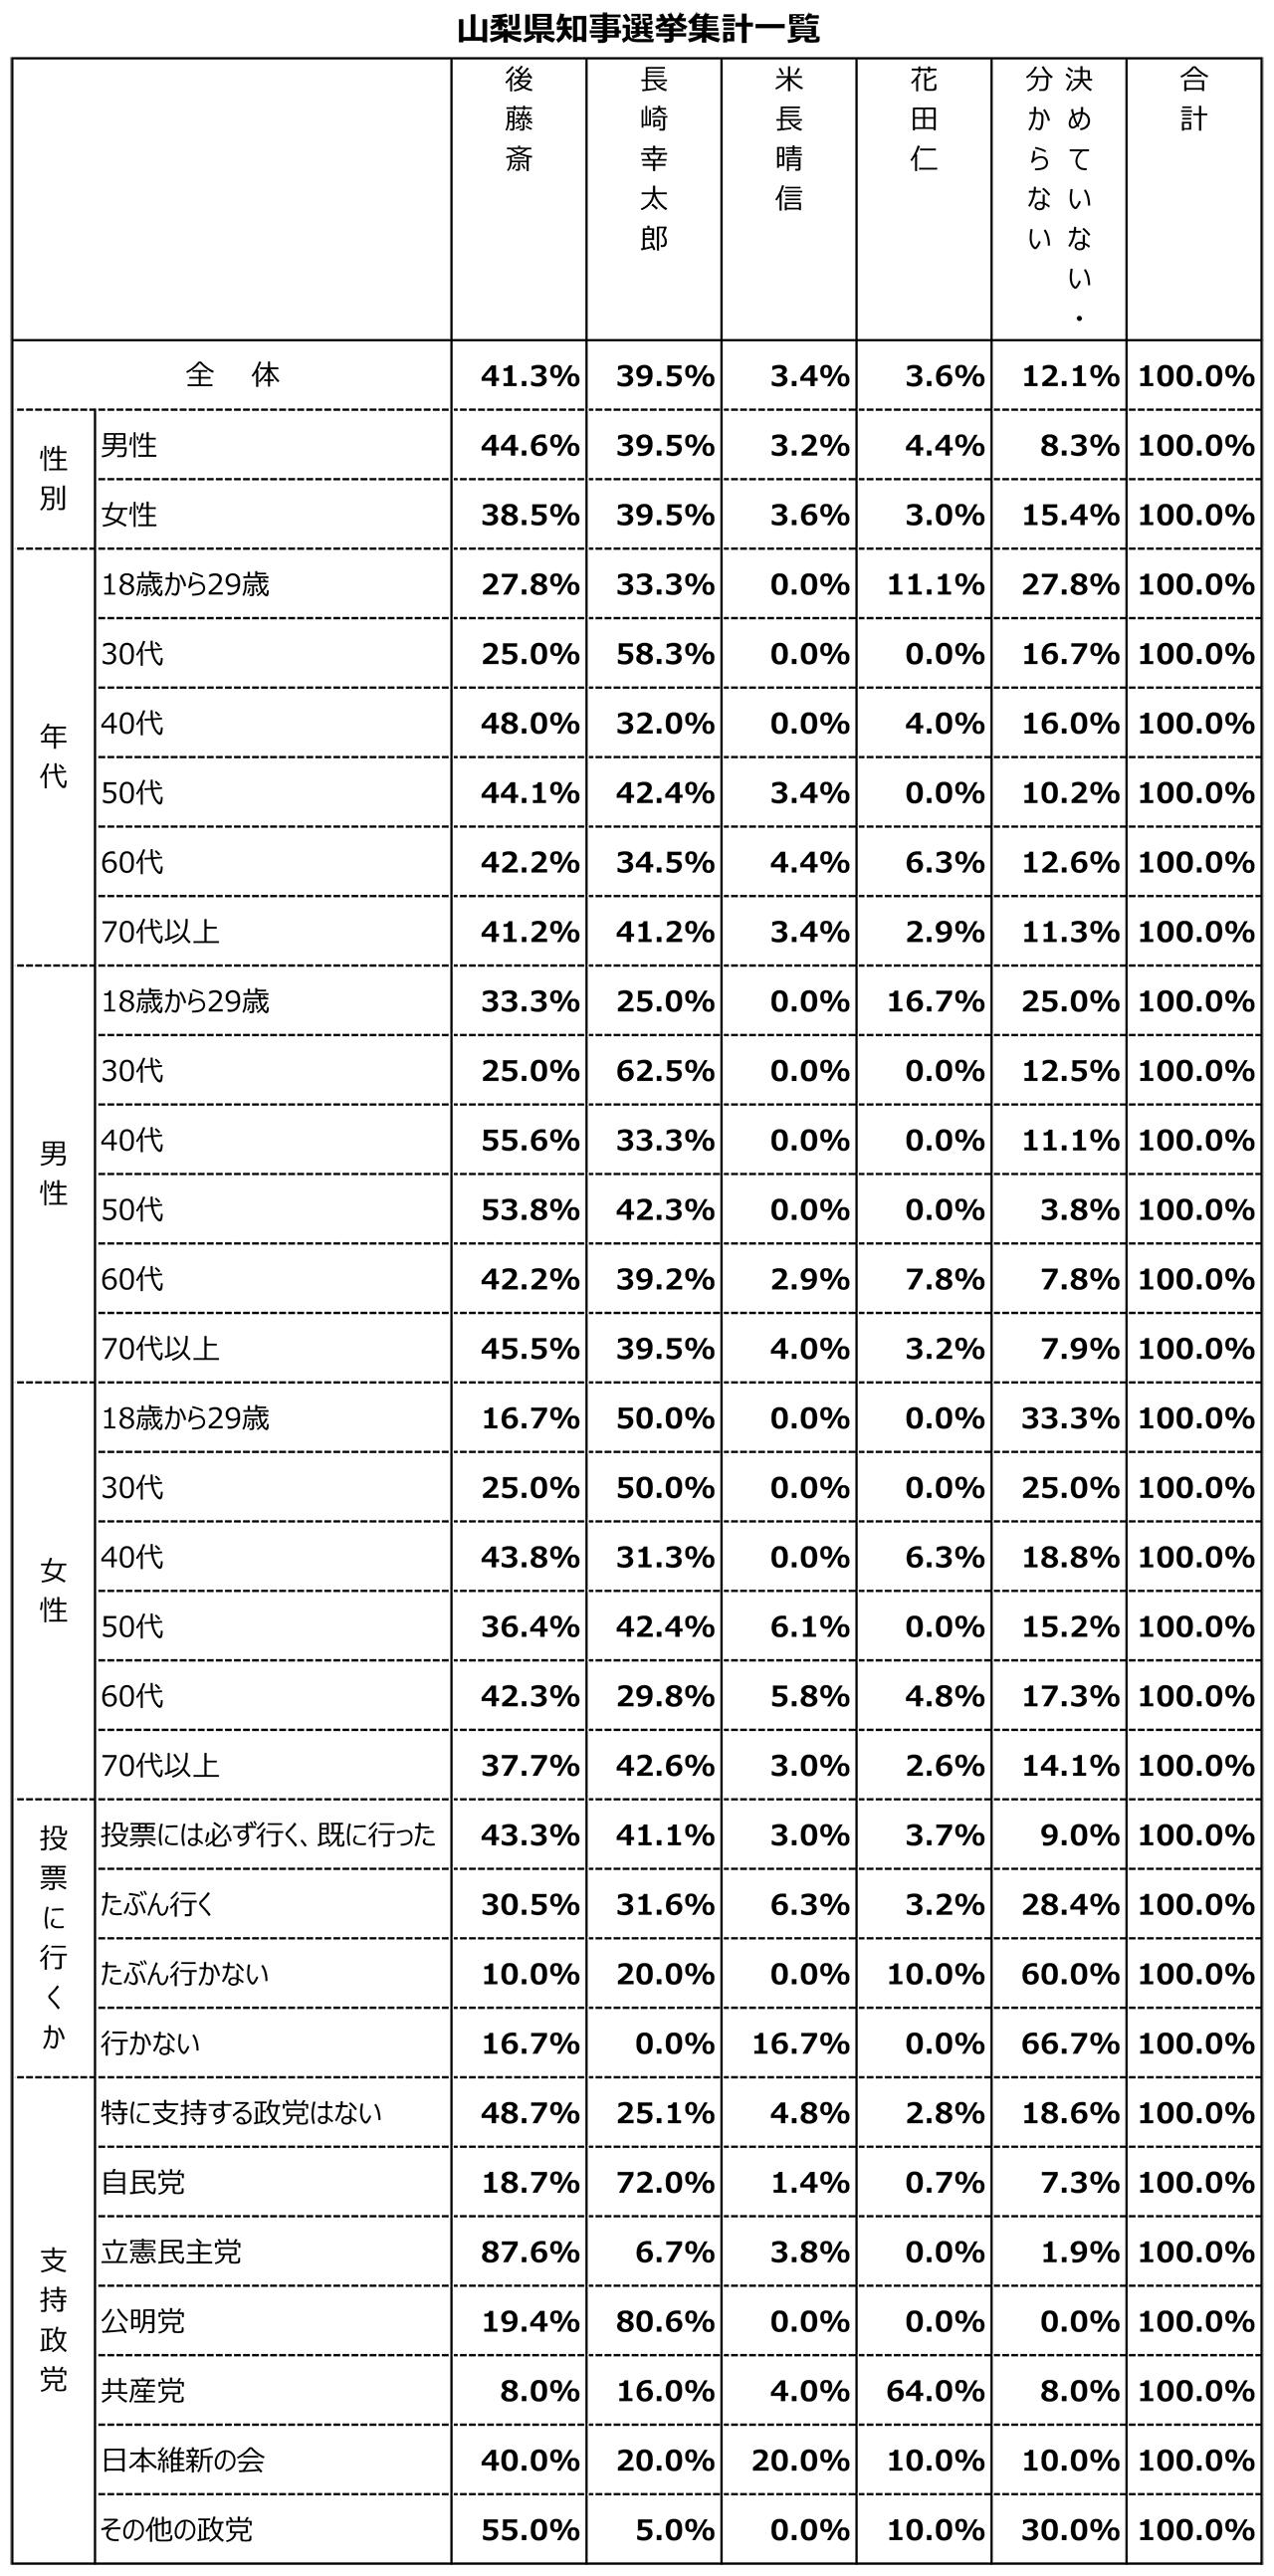 山梨県知事選挙(1月19日)調査結果